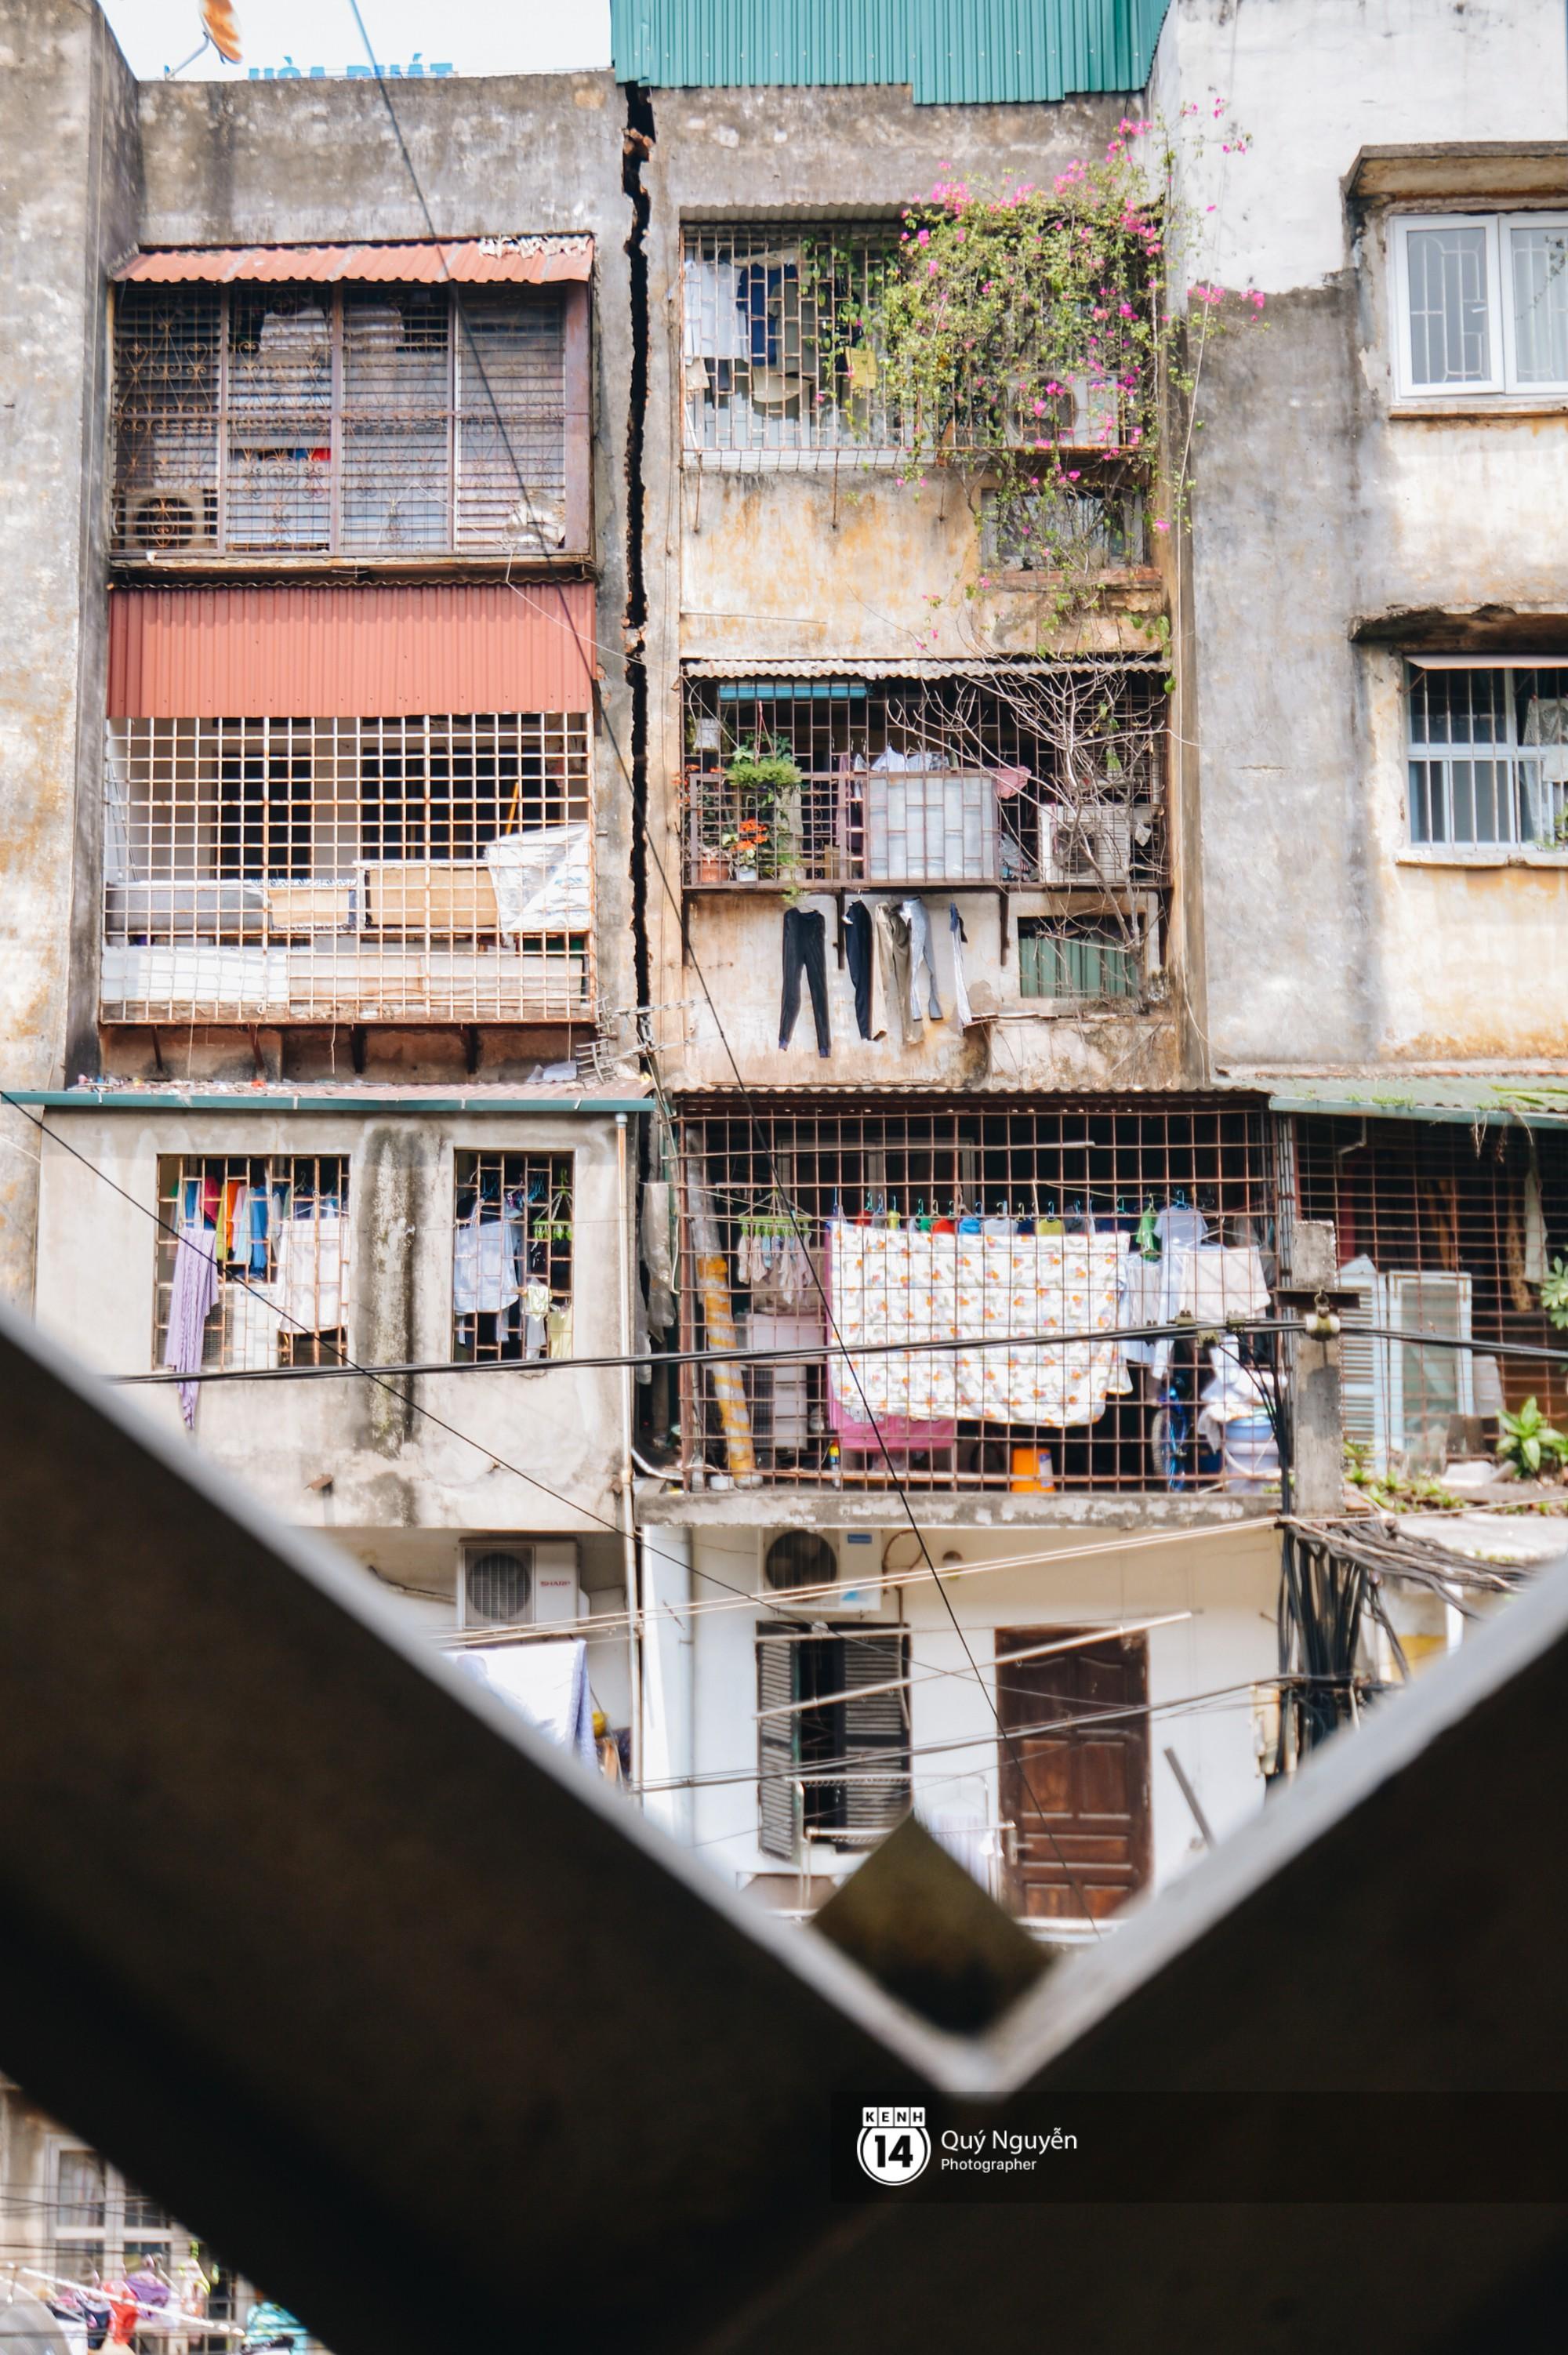 Chùm ảnh: Thấp thỏm sống trong chung cư tử thần đầy những vết nứt ở Hà Nội - Ảnh 4.